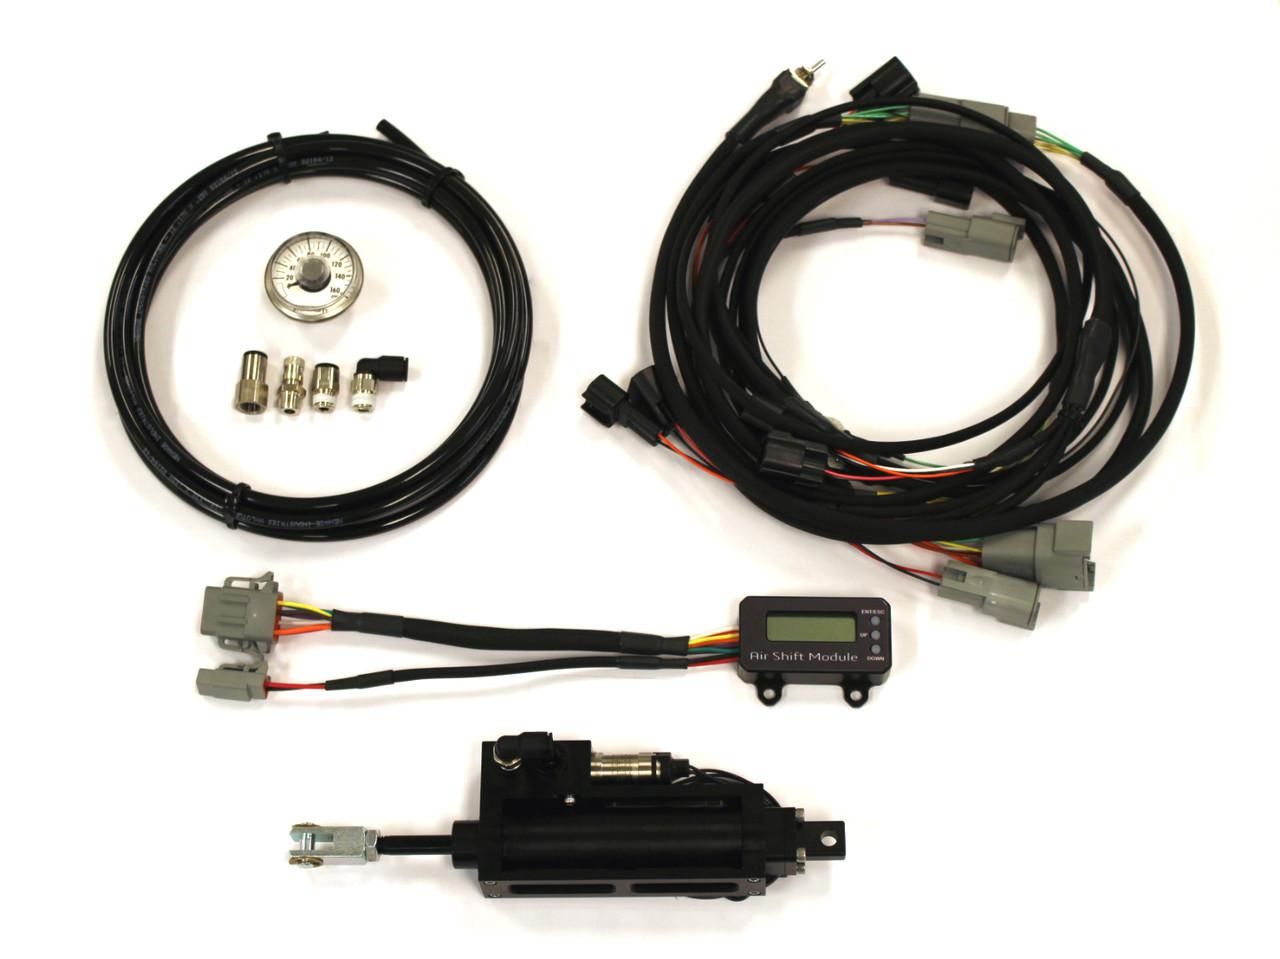 Kawasaki Zx14 Wiring Diagram Trusted Schematics Harness 2008 Air Shifter Fuel Kill 16 Pin Toyota